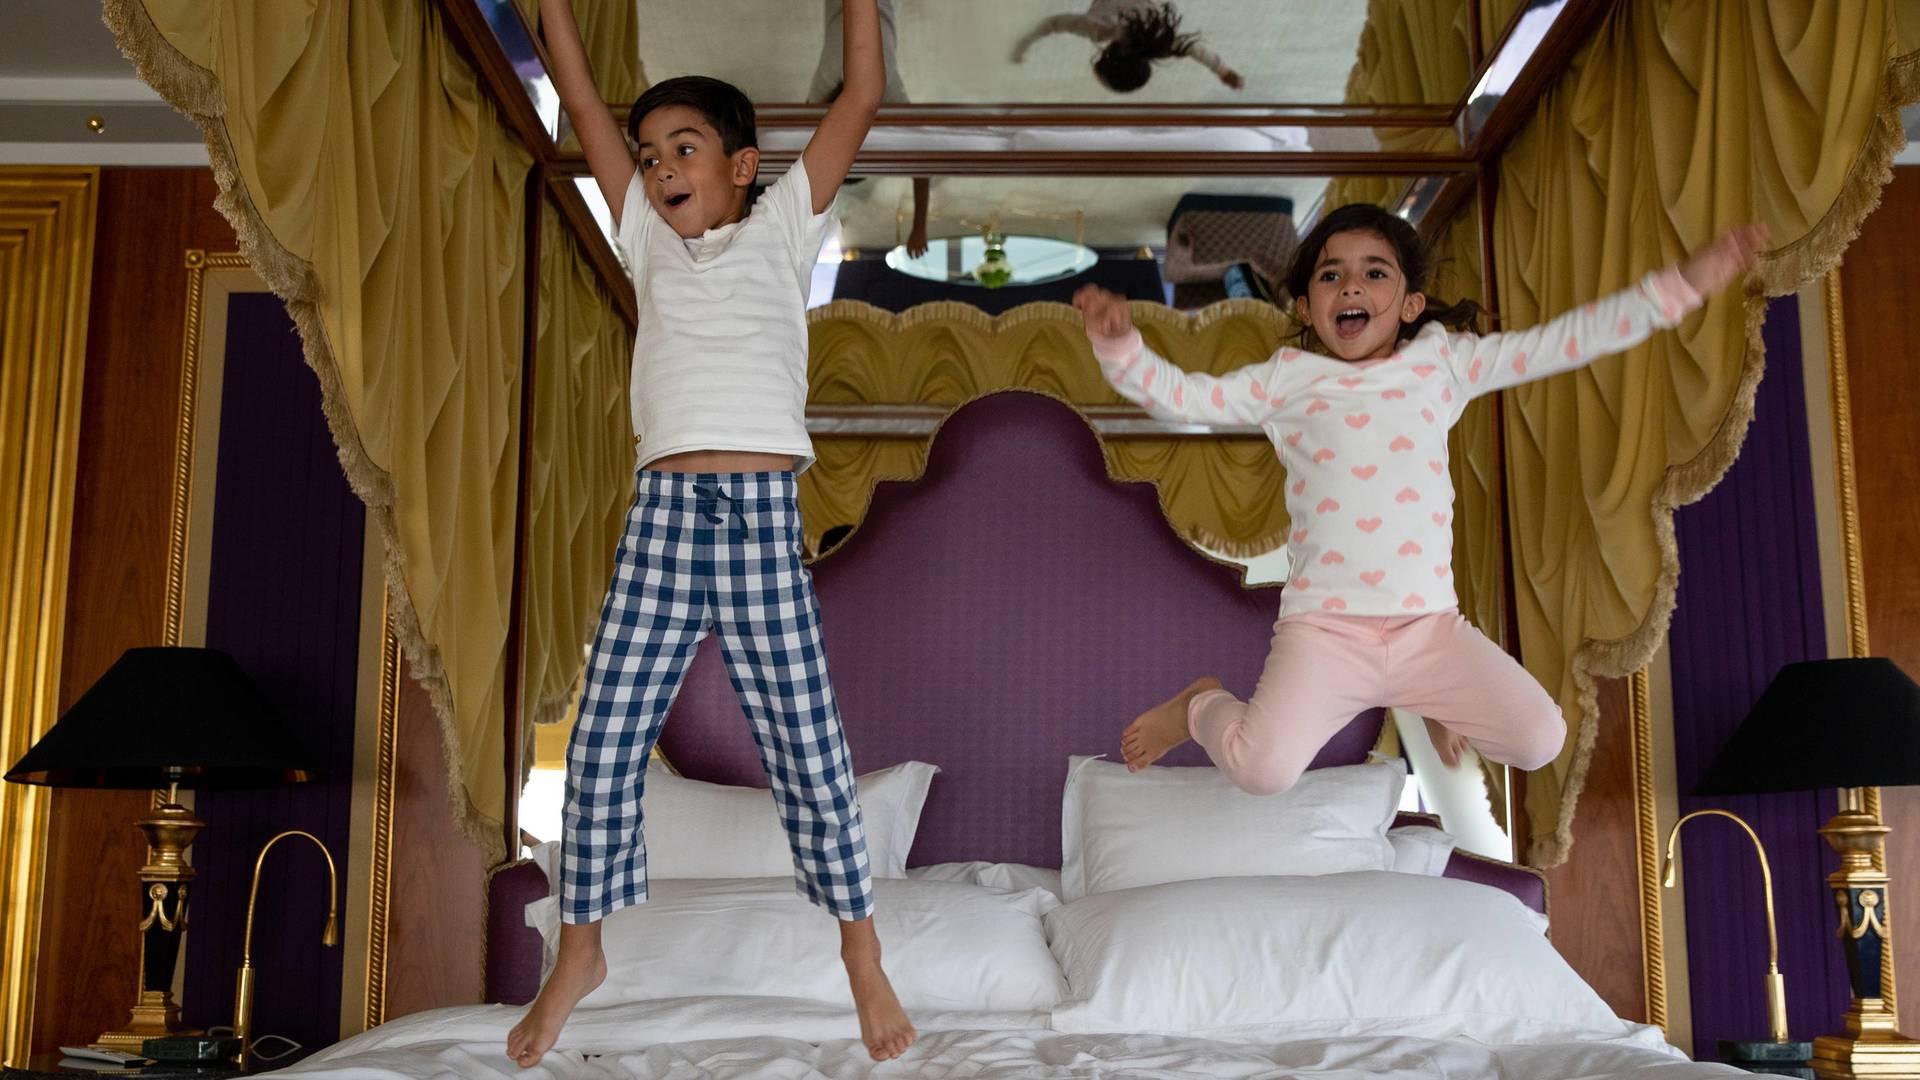 Jumeirah Burj Al Arab Three bedroom suite kids jumping on bed_16-9